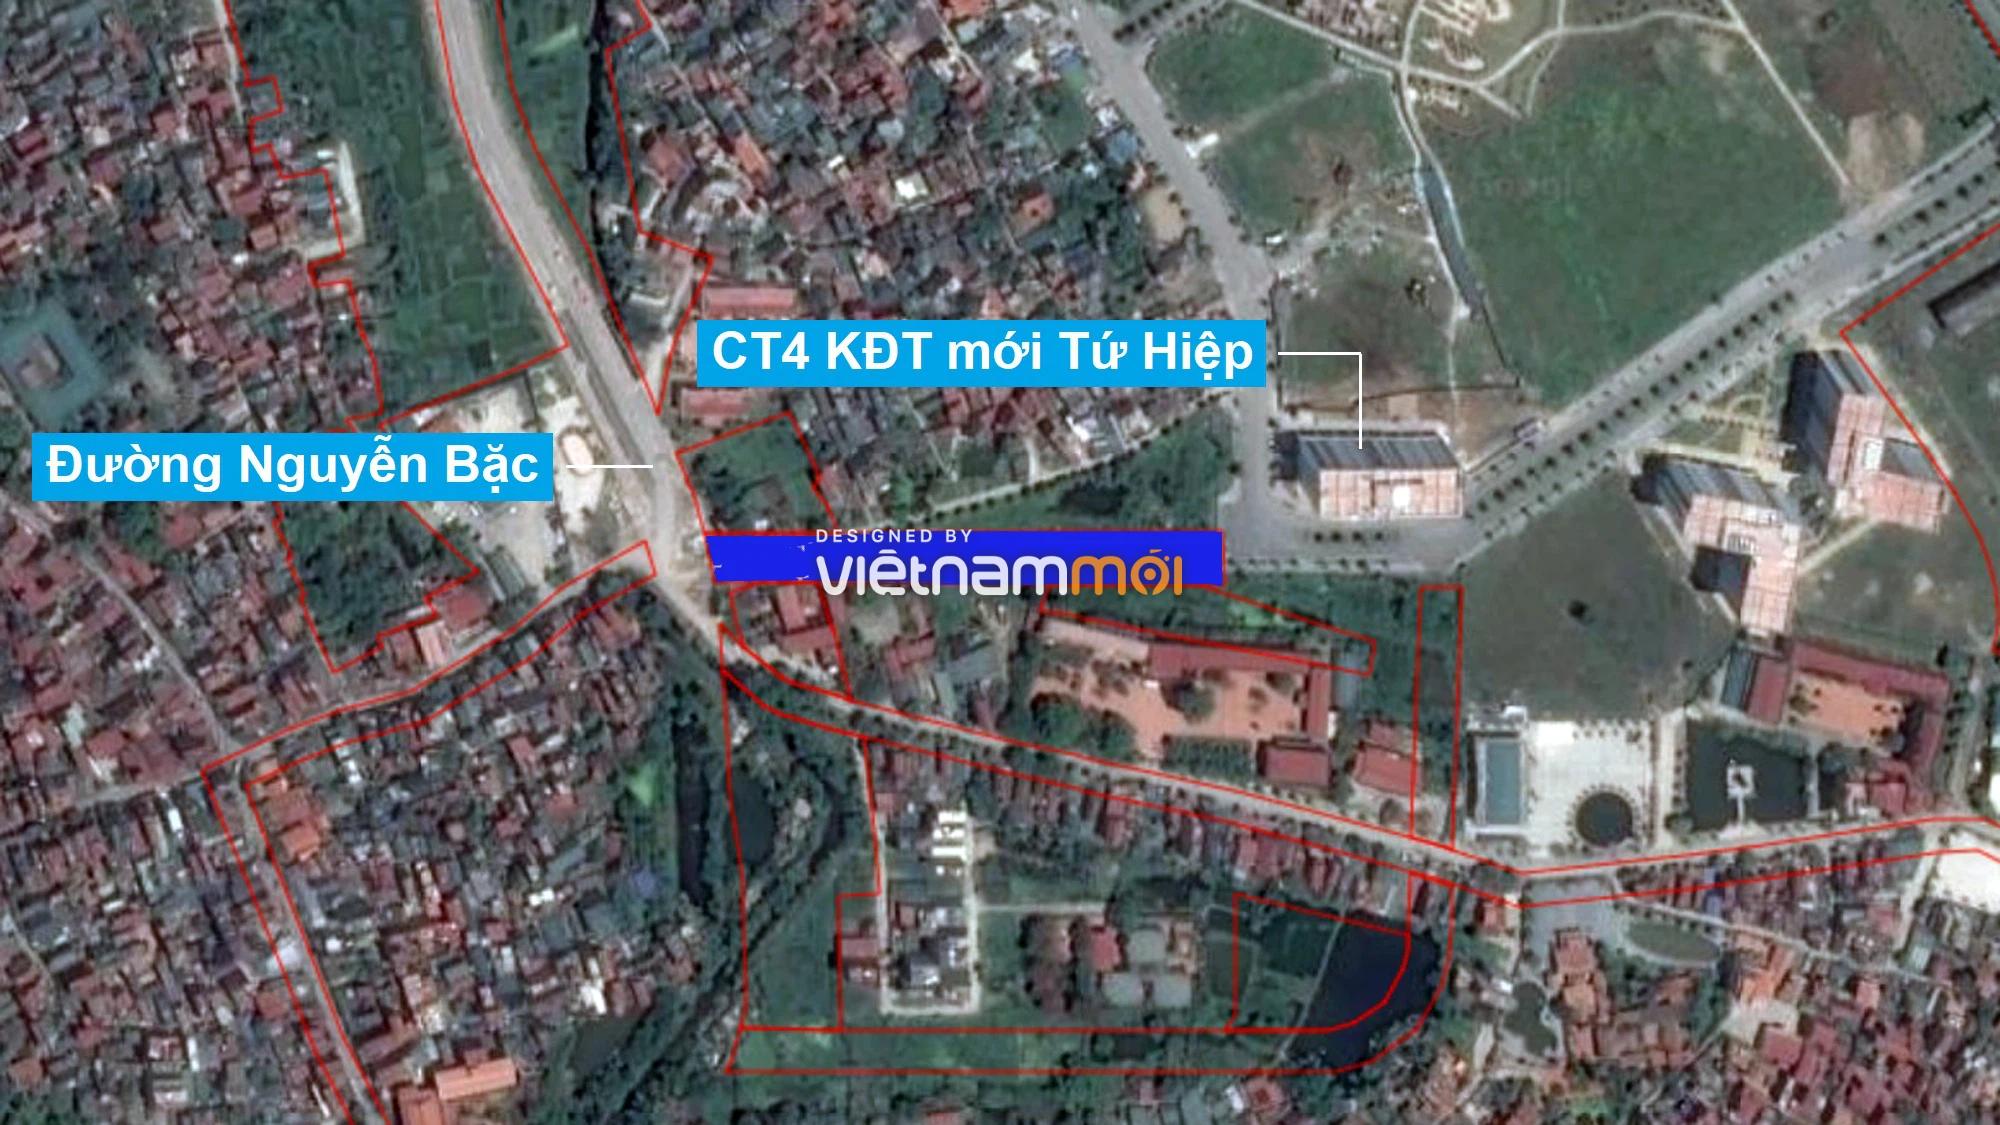 Những khu đất sắp thu hồi để mở đường ở xã Tứ Hiệp, Thanh Trì, Hà Nội (phần 1) - Ảnh 10.